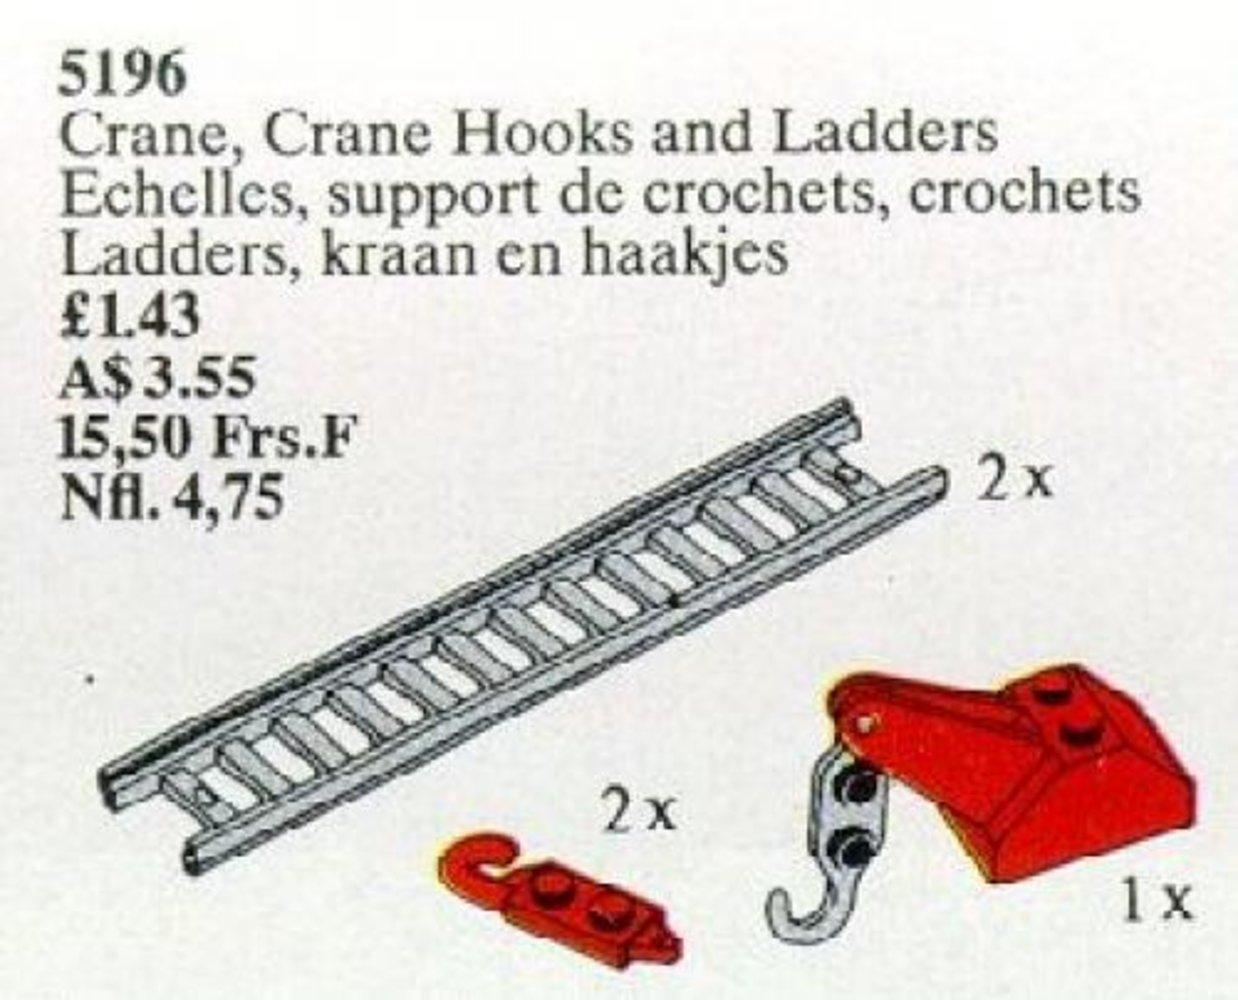 Crane, Crane Hooks and Ladders